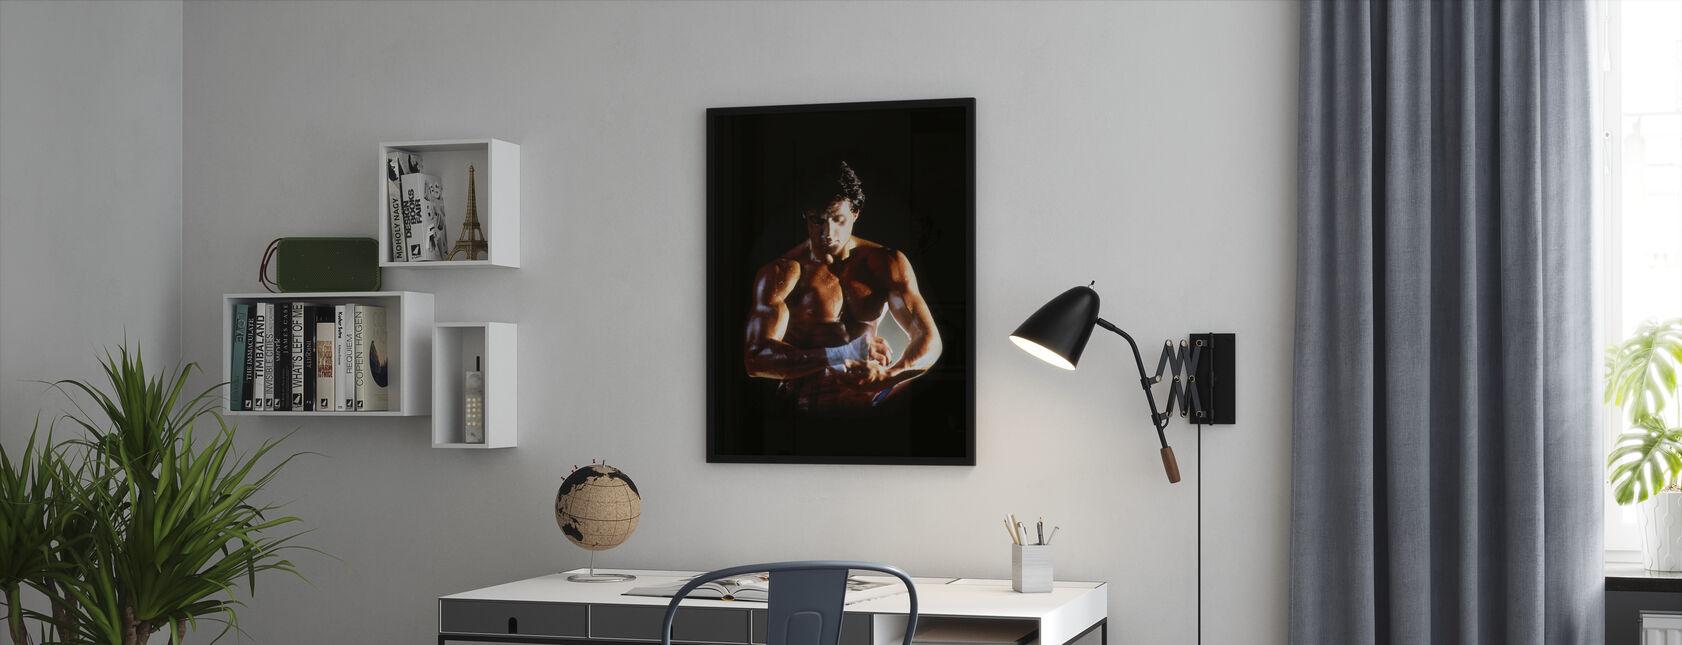 Sylvester Stallone à Rocky IV - Impression encadree - Bureau